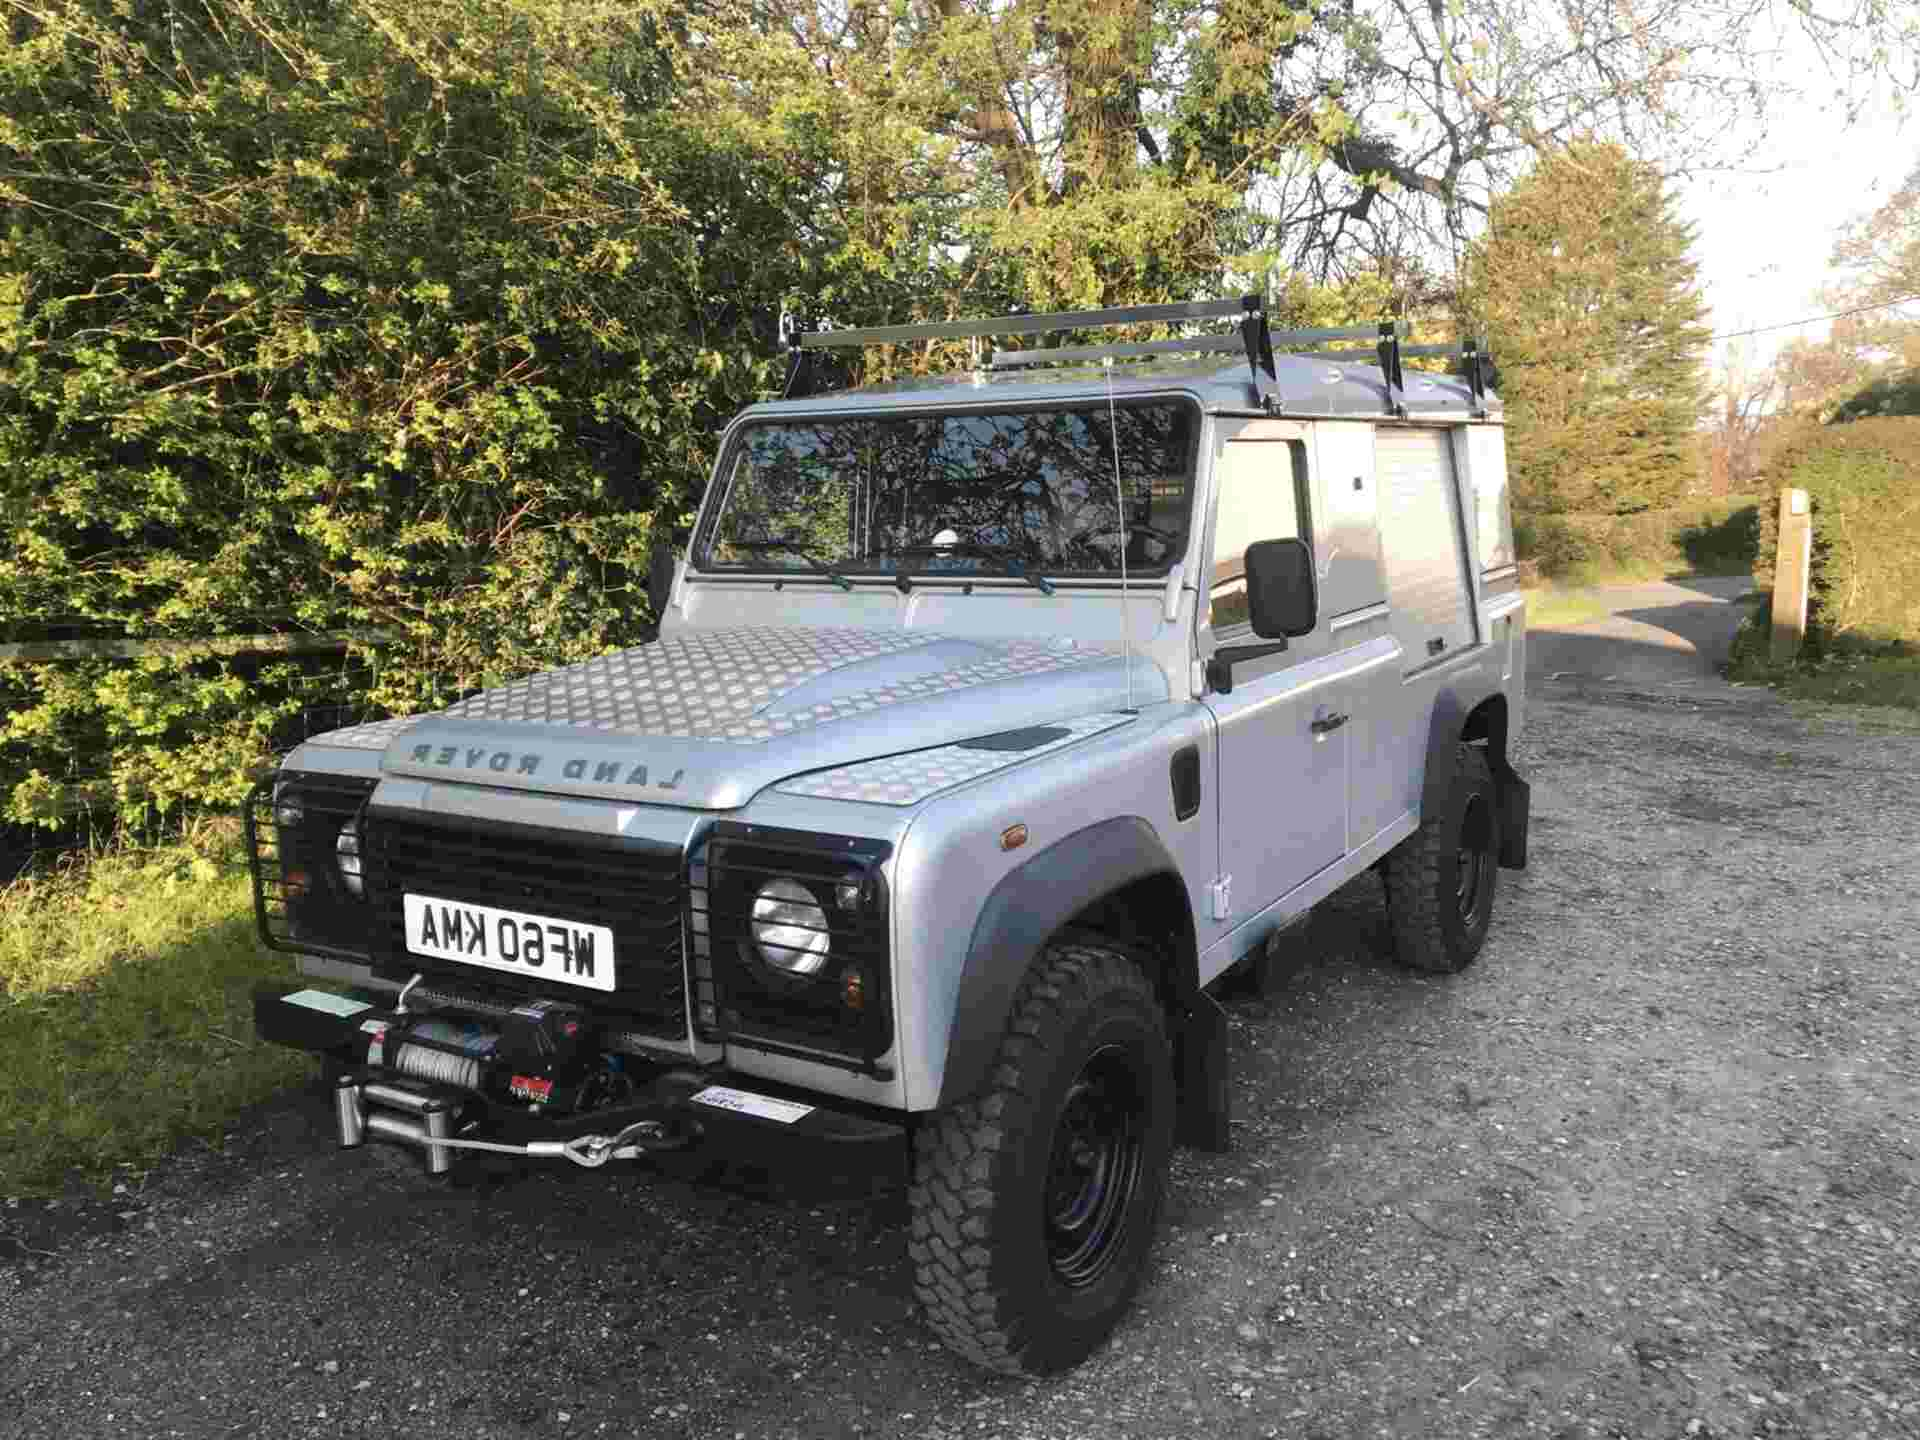 Land Rover Defender 110 Hardtop for sale in UK